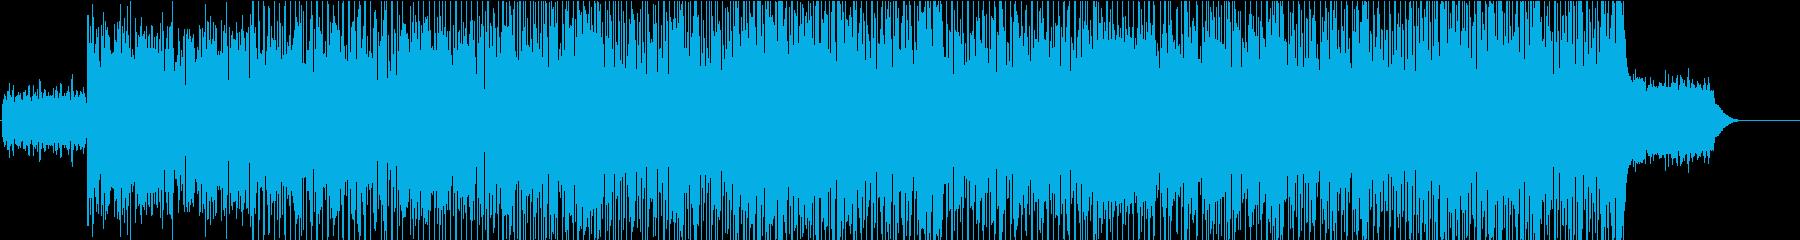 未来 科学 謎 あやしい 緊張 追跡 夜の再生済みの波形